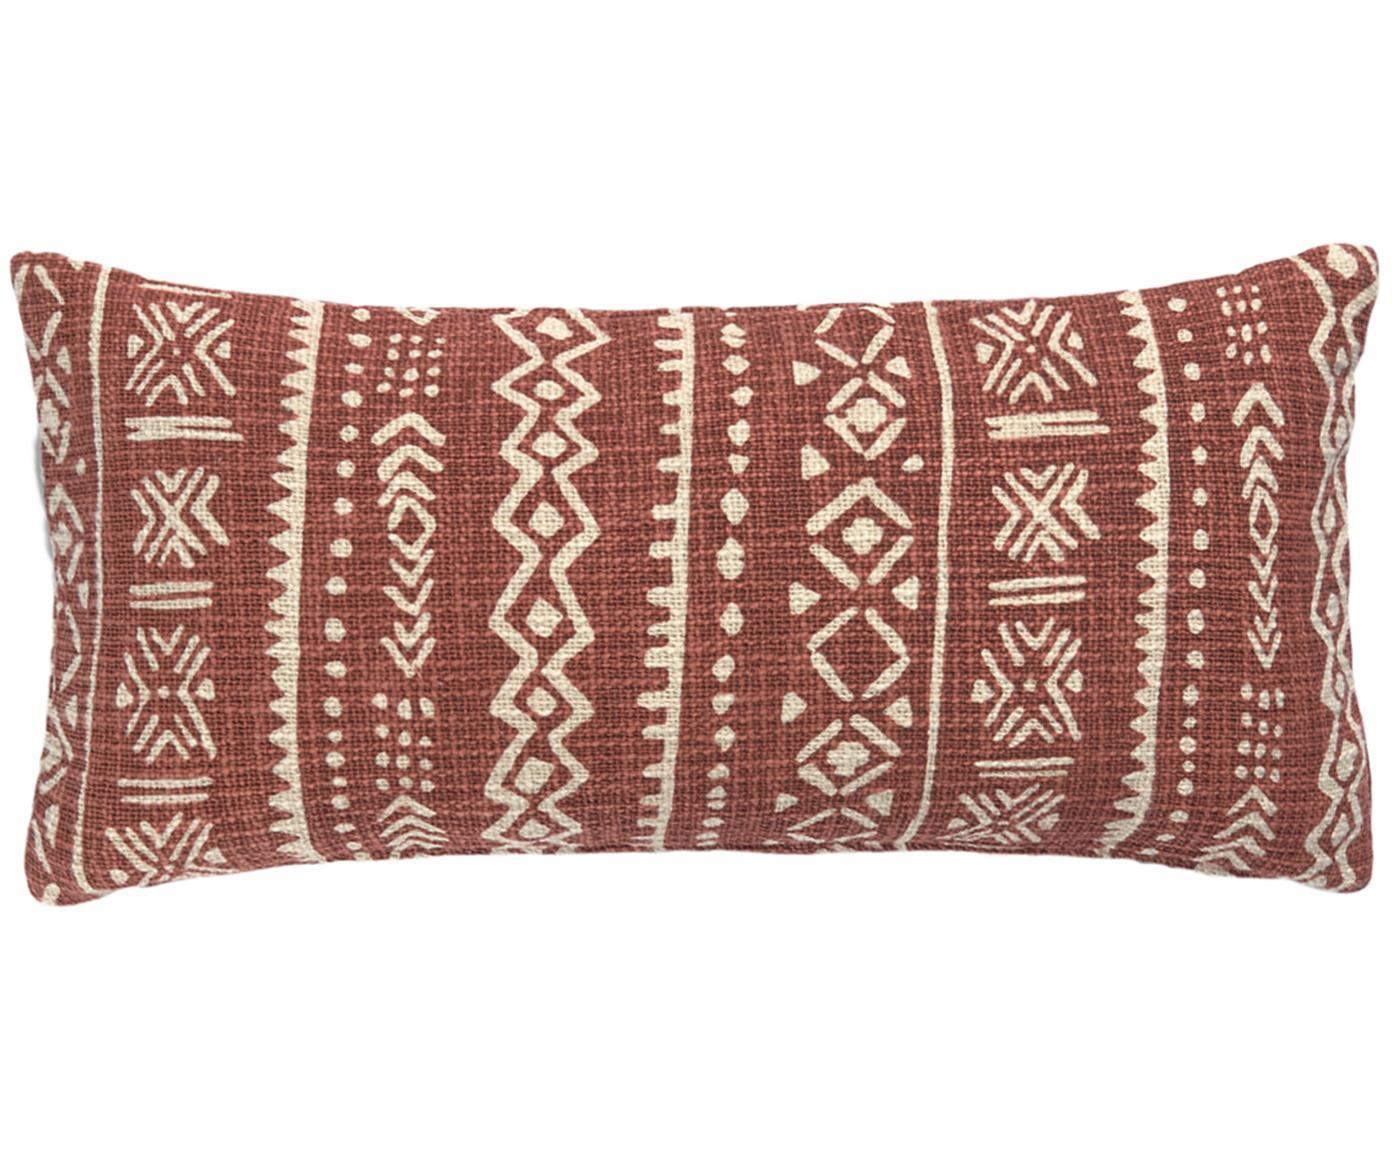 Federa arredo con motivo grafico Masai, Cotone, Bianco latteo, marrone, Larg. 30 x Lung. 60 cm